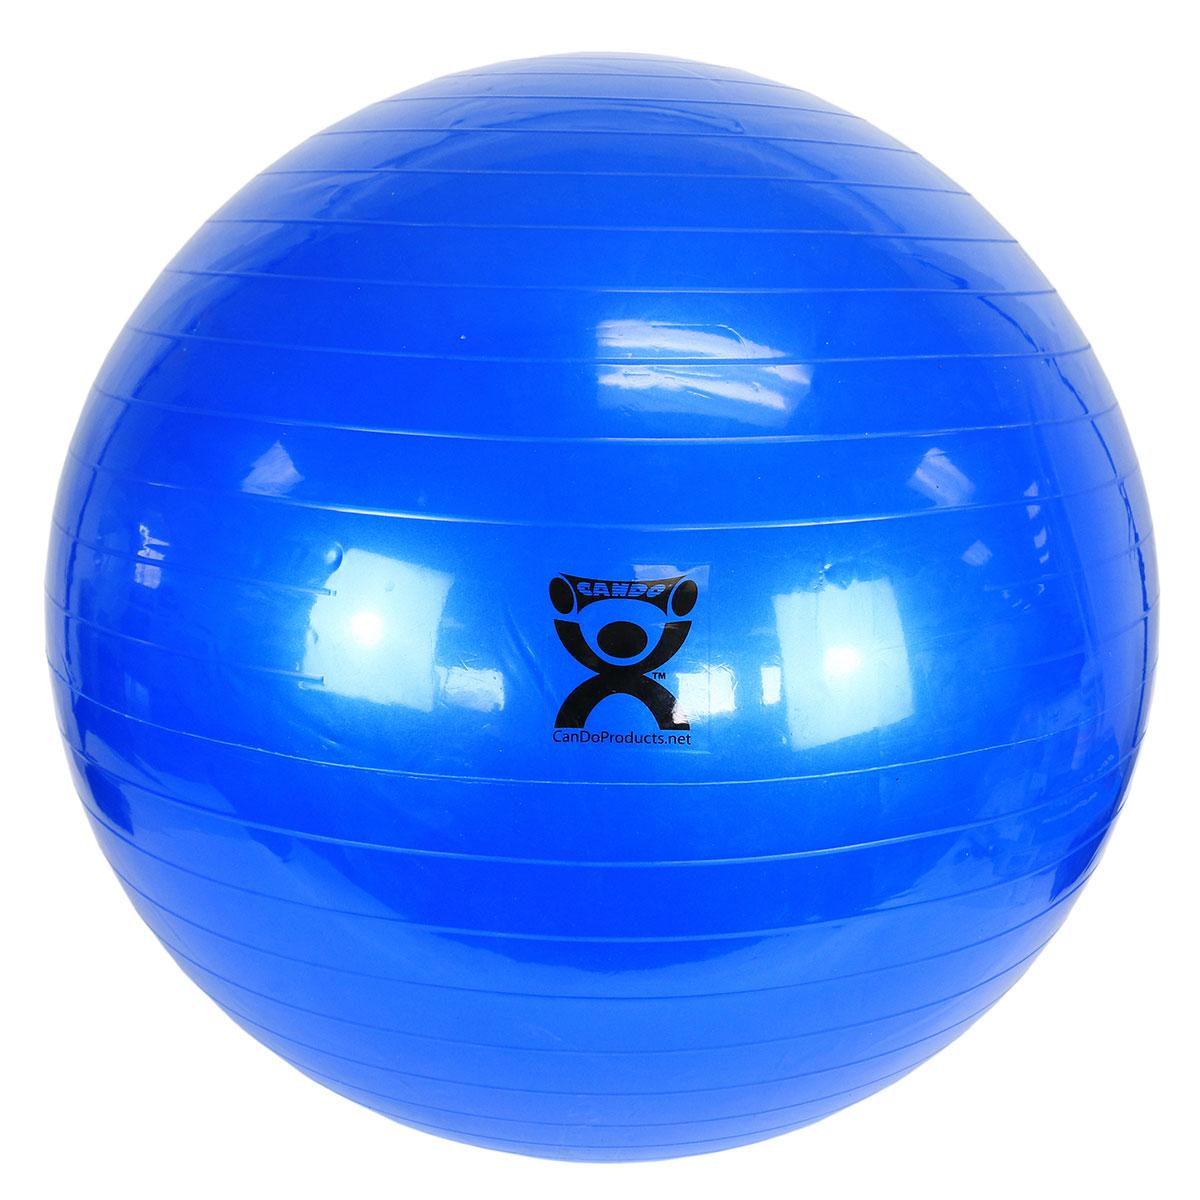 Balance Ball Blue: Cando Exercise Ball, Blue, 85cm